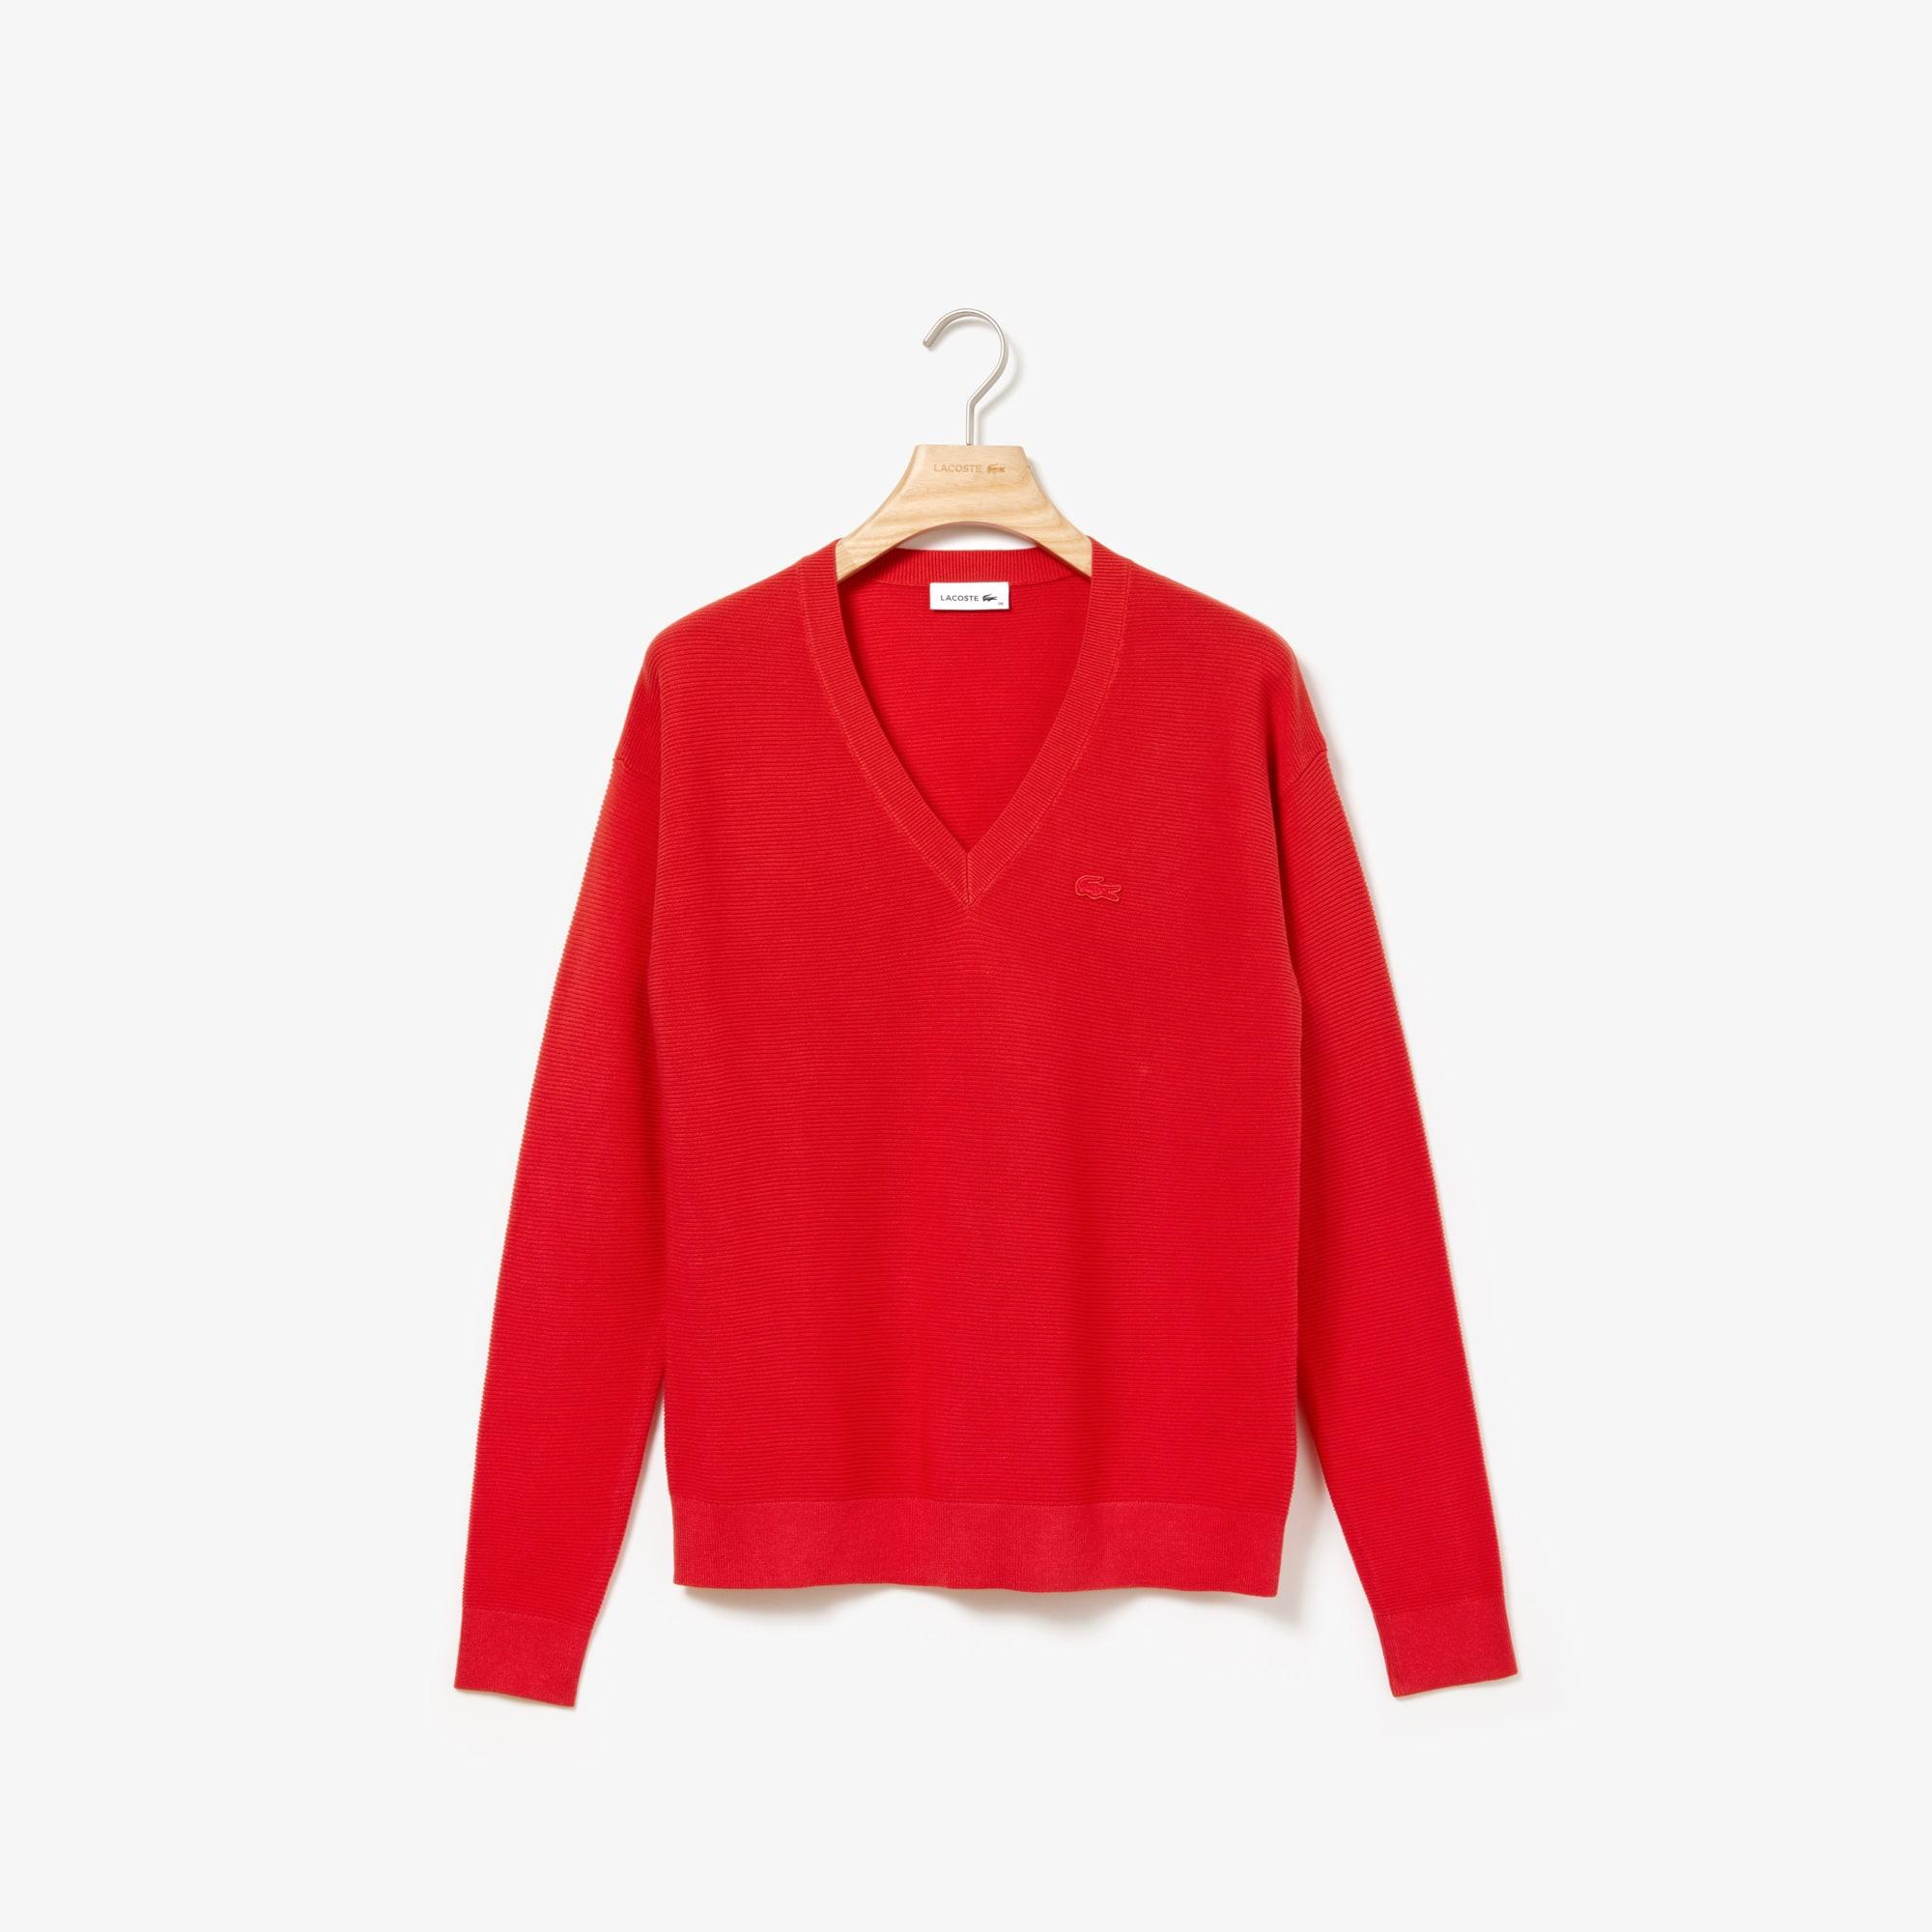 58dc95aa7409 Sweaters and Sweatshirts